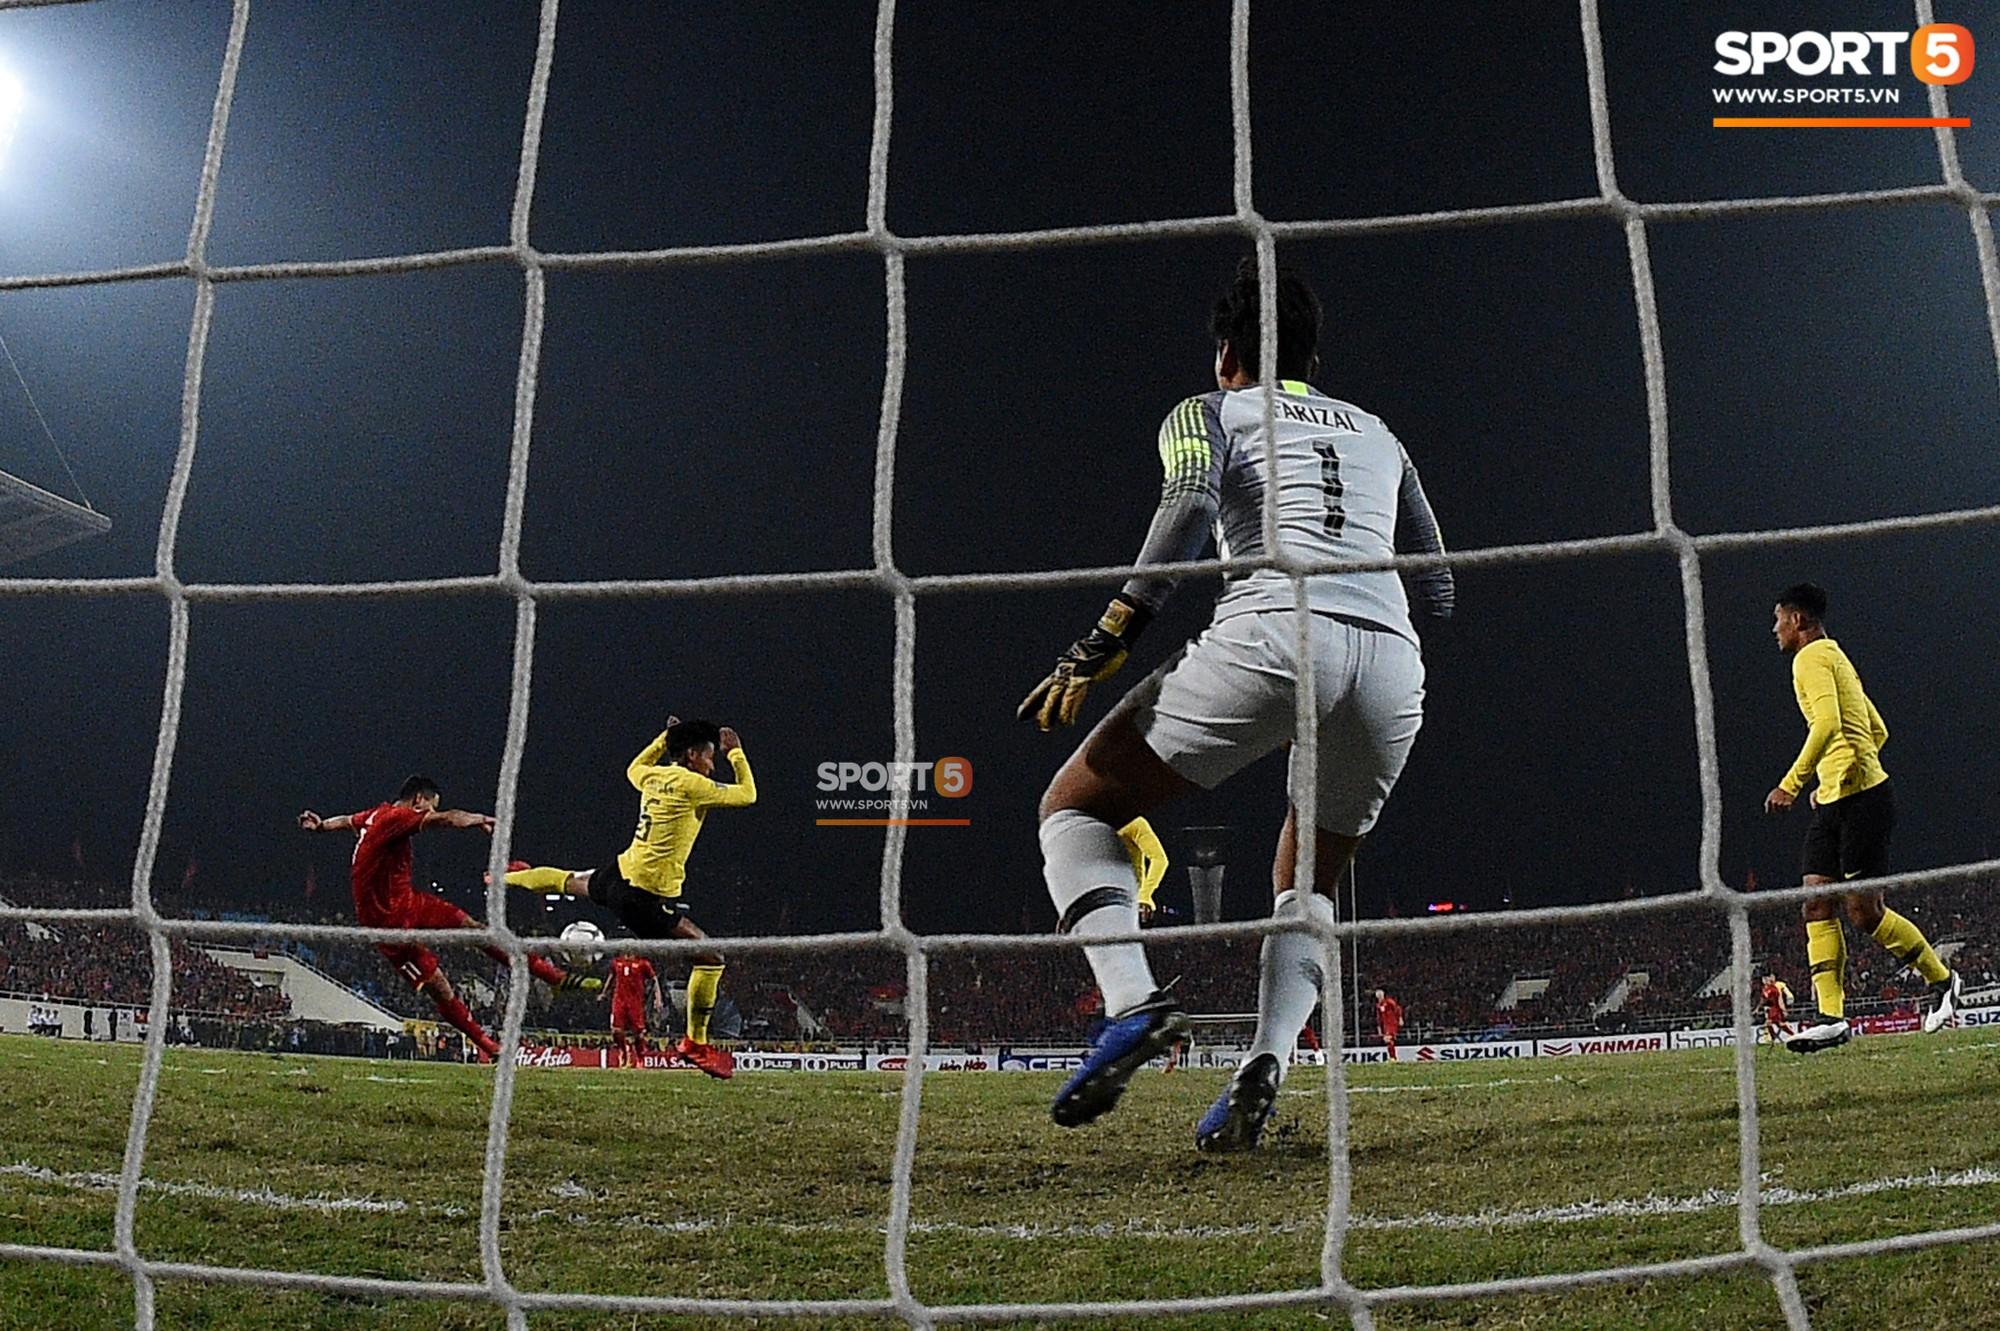 Góc ảnh độc đáo: Khoảnh khắc Anh Đức vô-lê tung lưới Malaysia nhìn từ phía sau cầu môn - Ảnh 1.